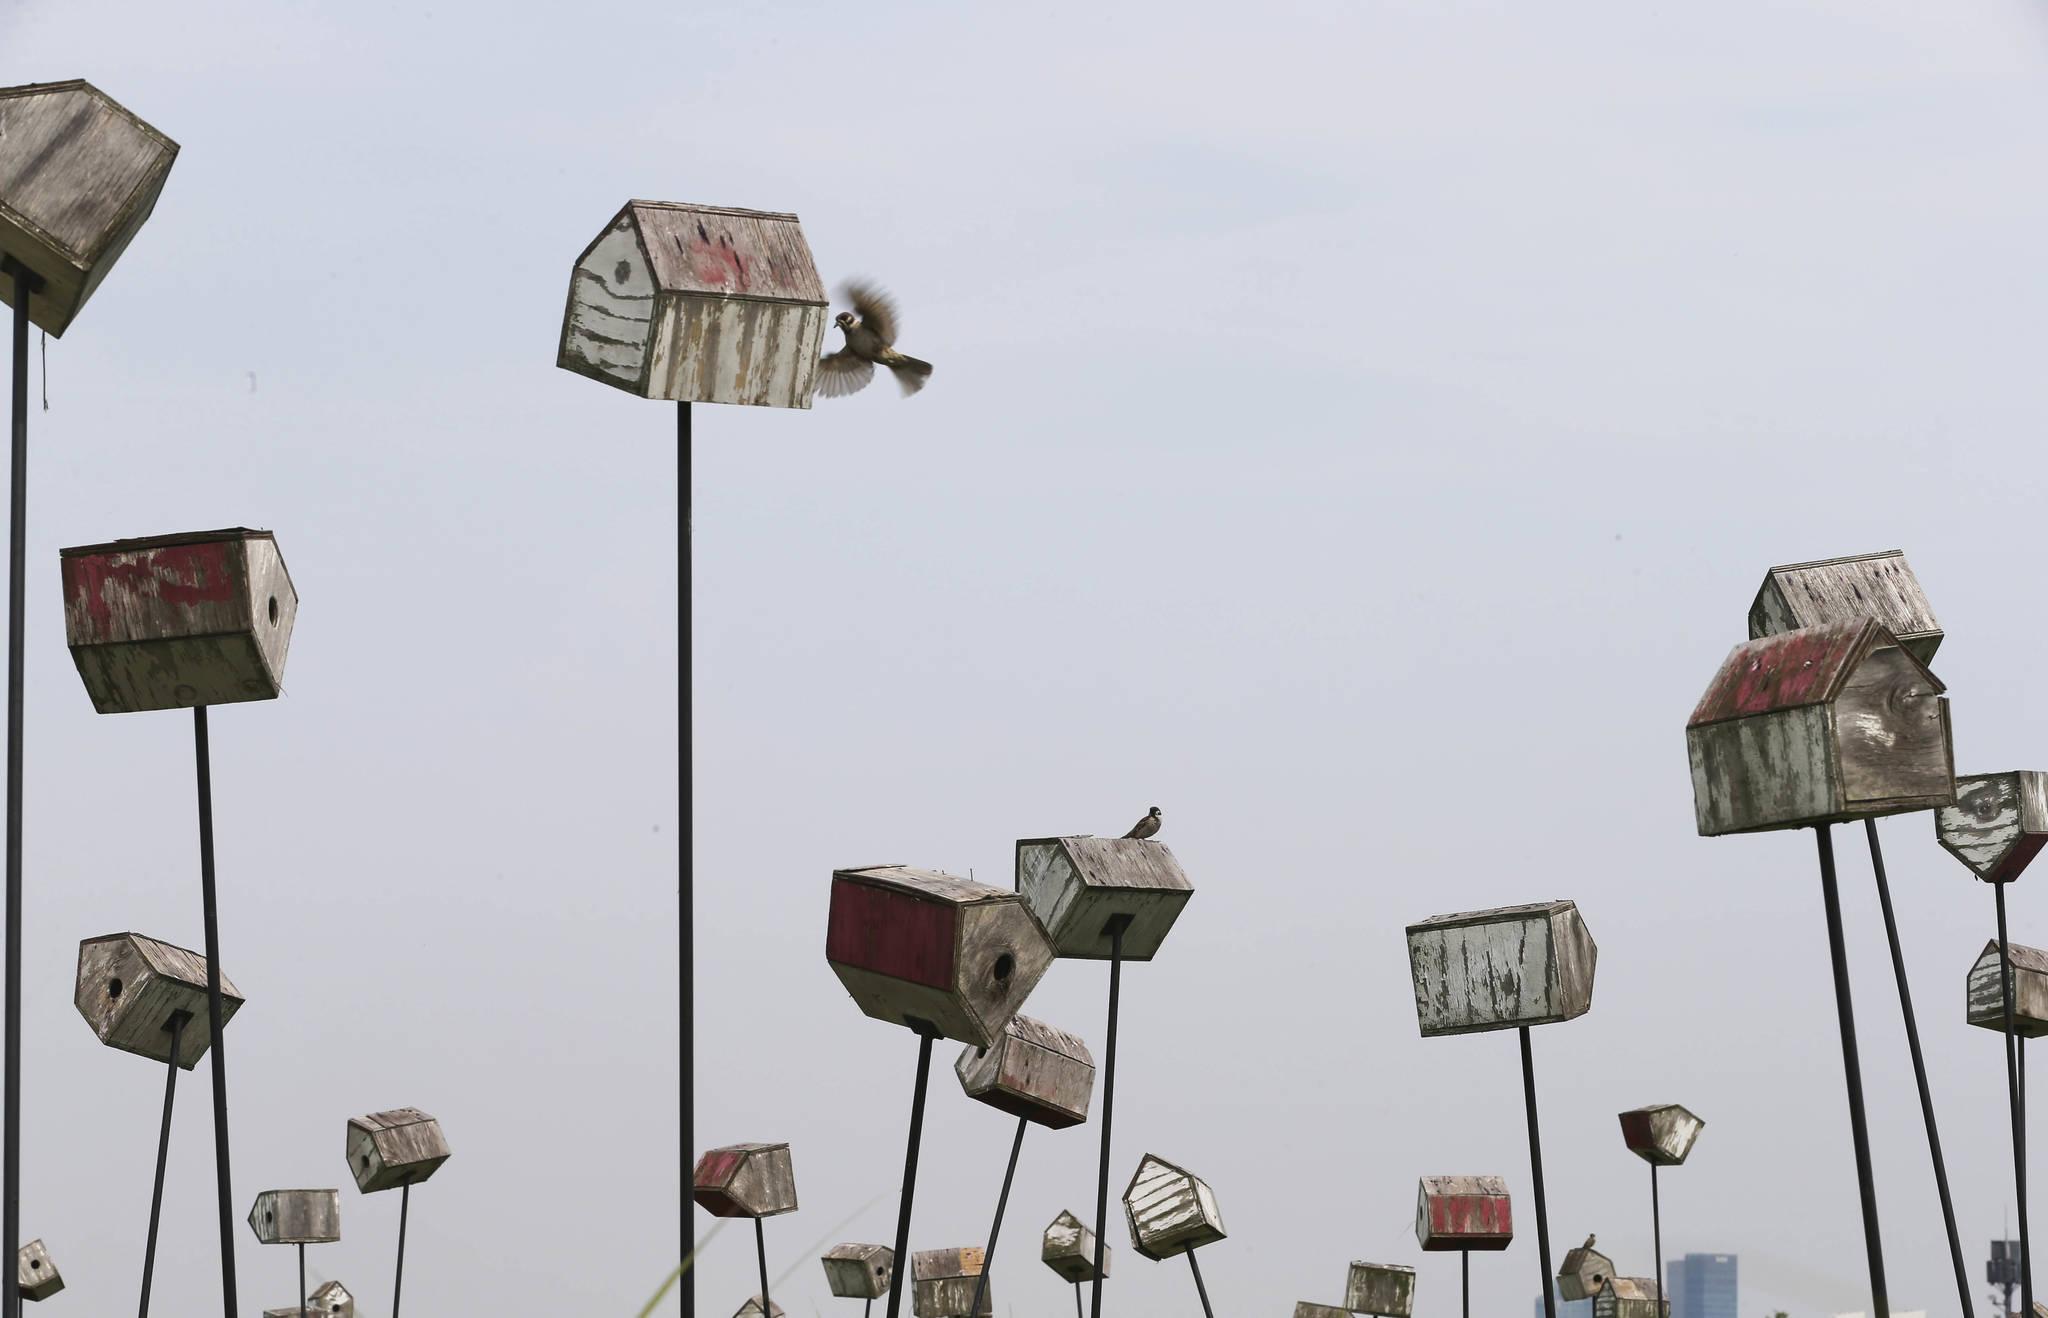 서울 마포구 상암동 하늘공원에 있는 참새집에 참새들이 드나들고 있다. 신인섭 기자